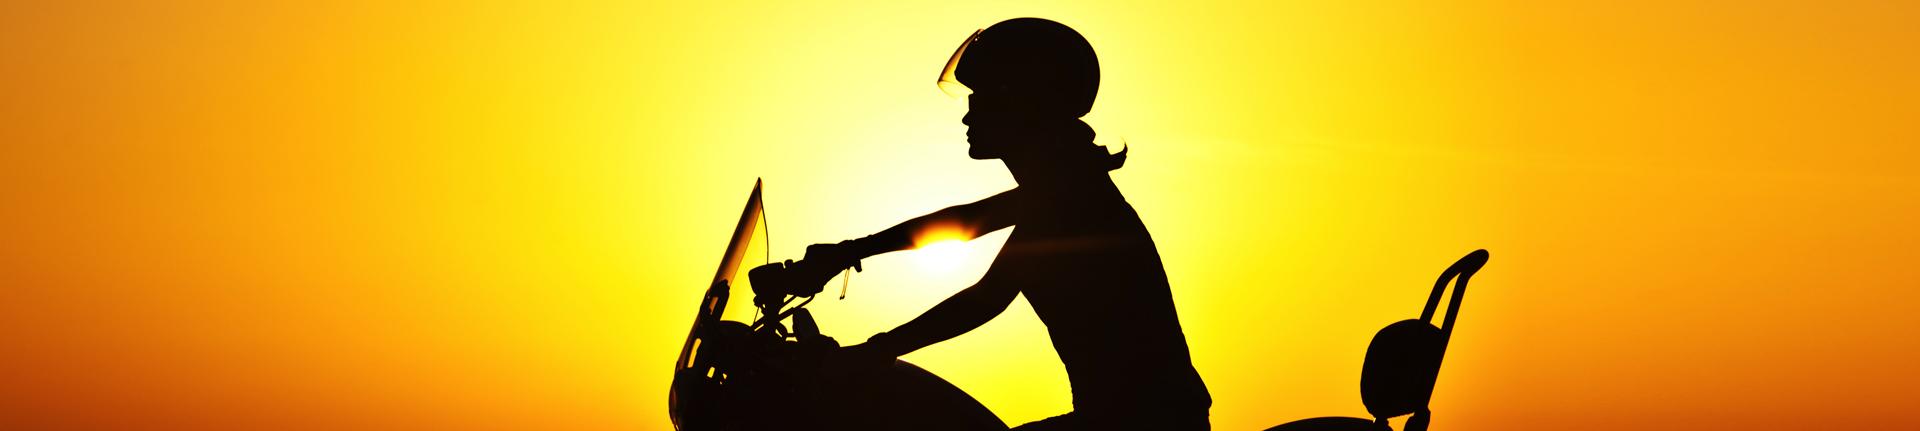 Viagem de moto: dicas do que levar